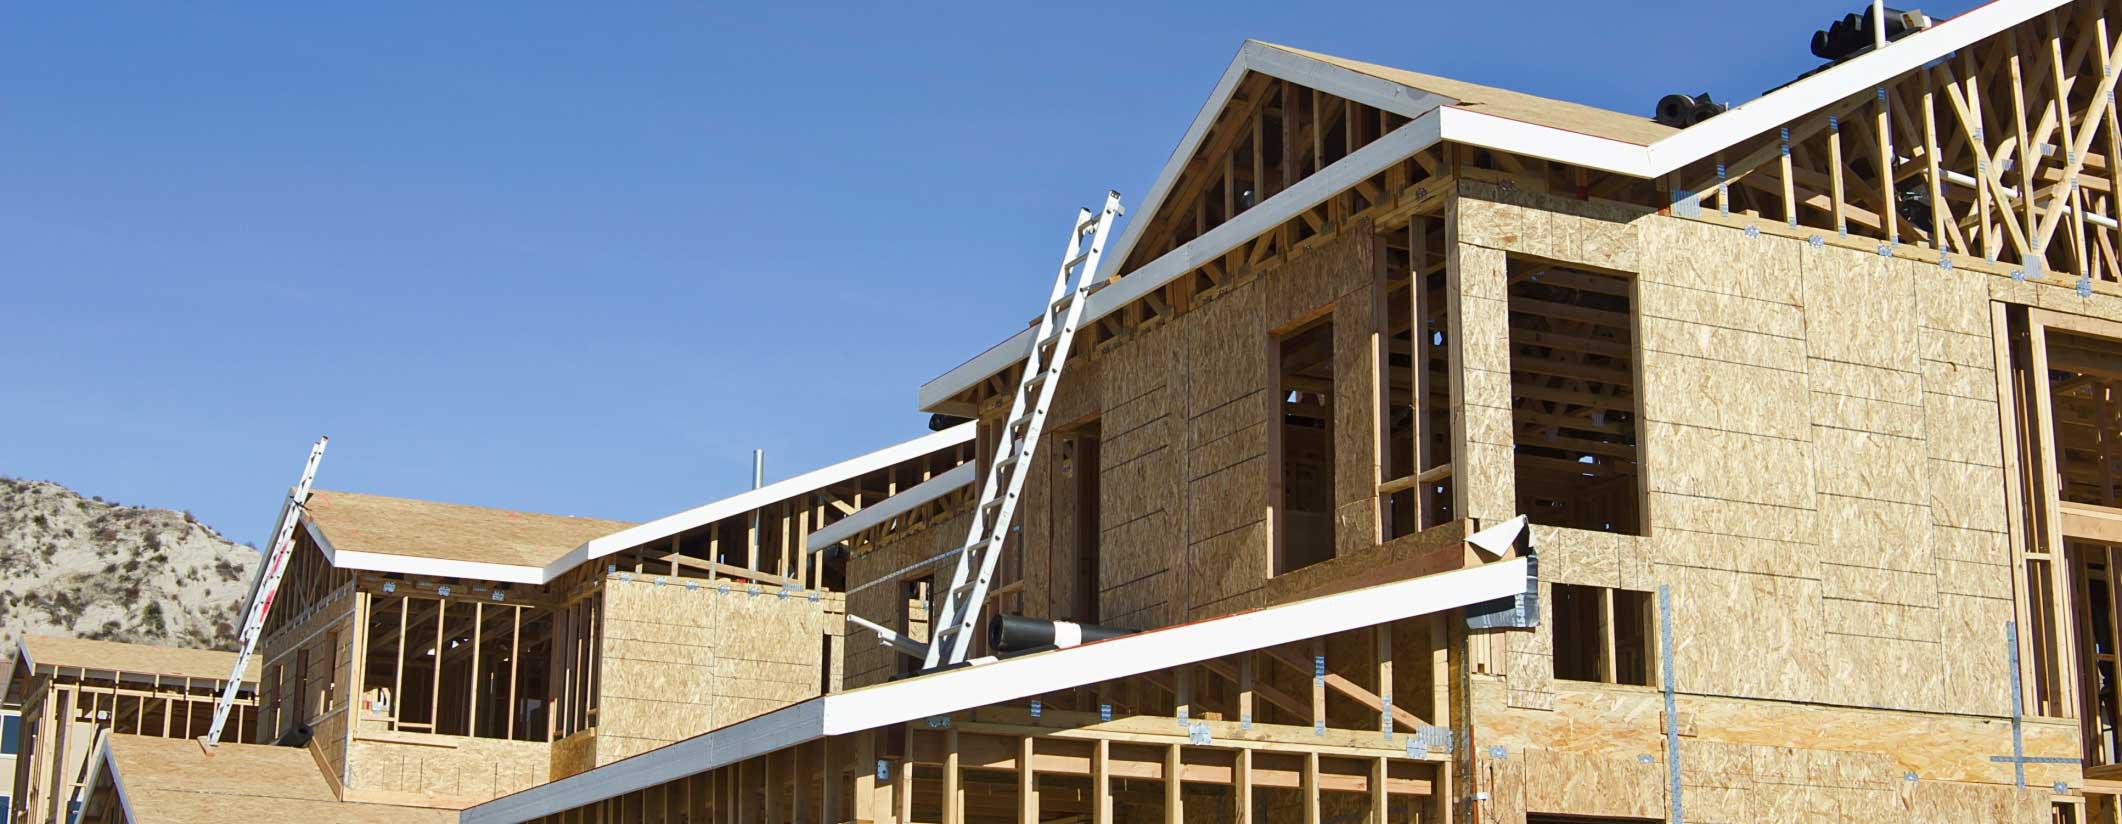 M v f larochelle inc entreprise de construction abitibi for Entreprise de construction